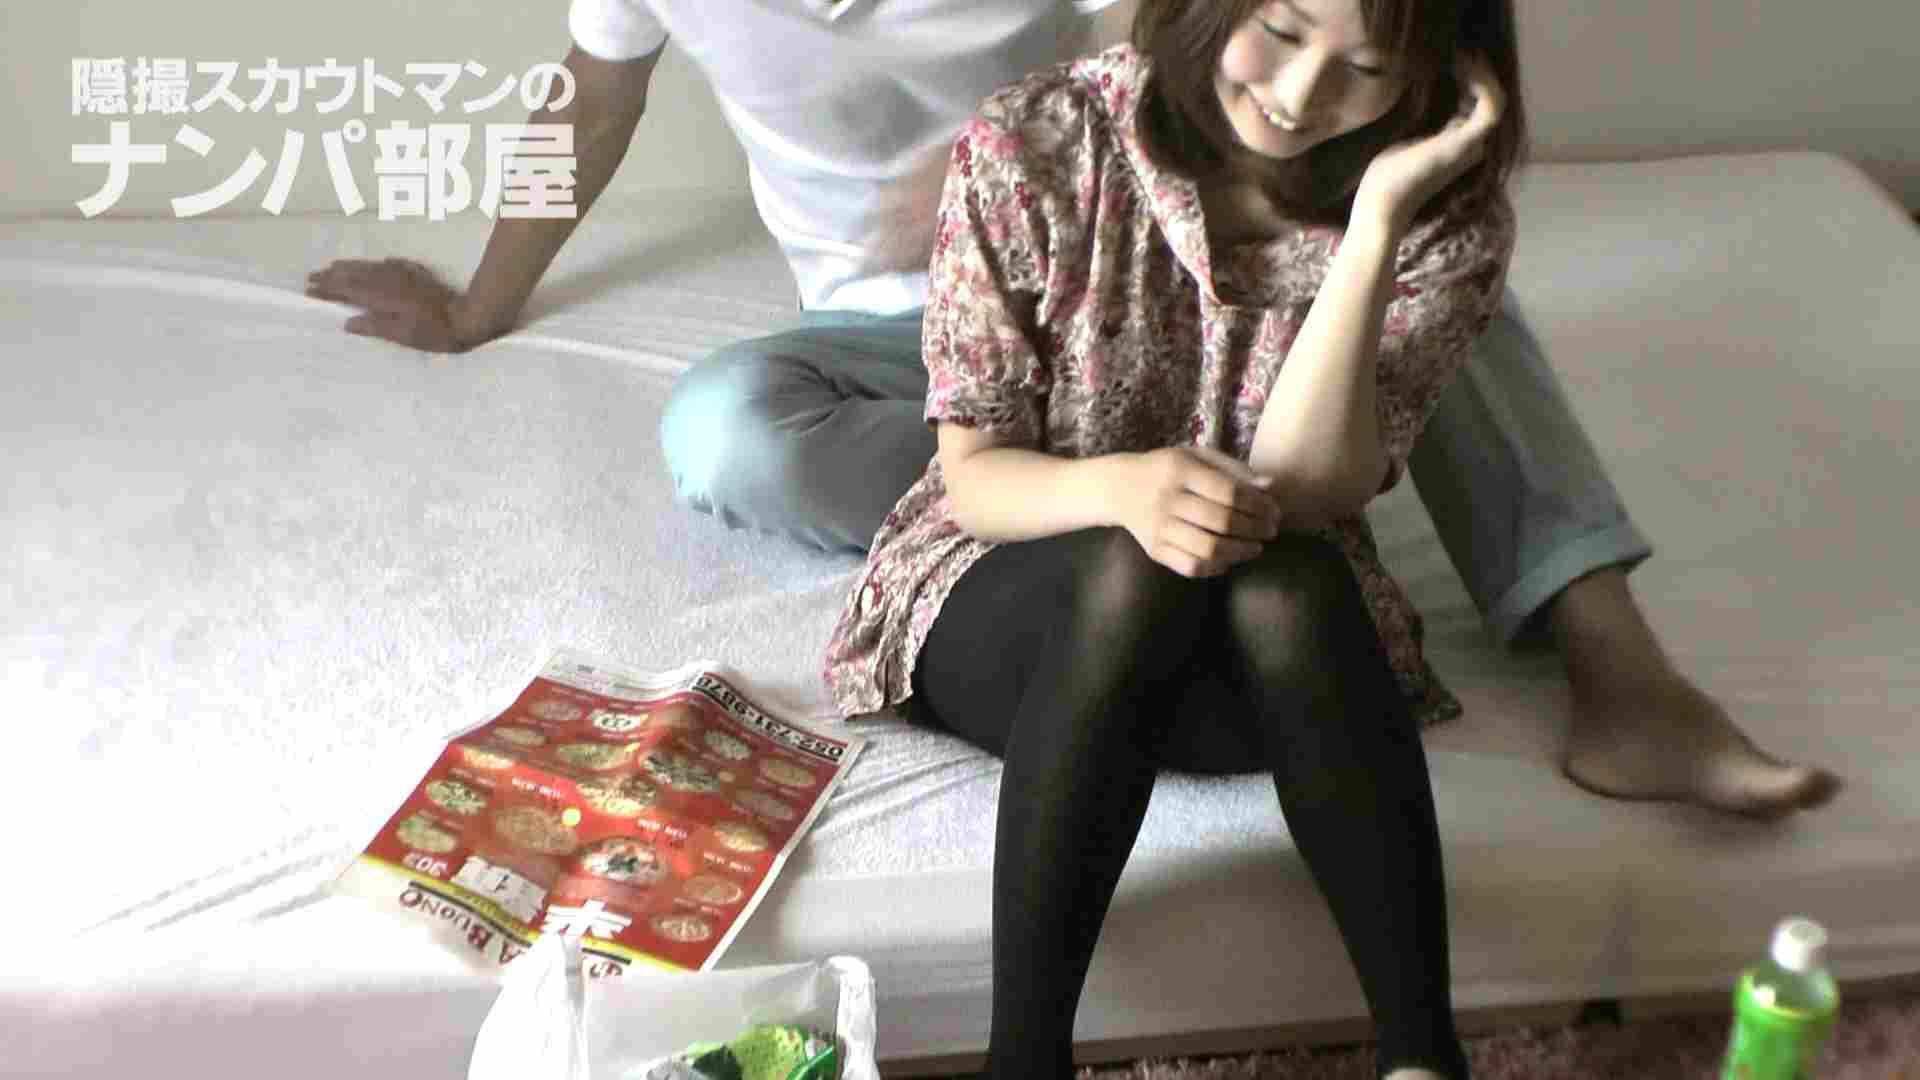 隠撮スカウトマンのナンパ部屋~風俗デビュー前のつまみ食い~ sii 隠撮   脱衣所  67pic 12